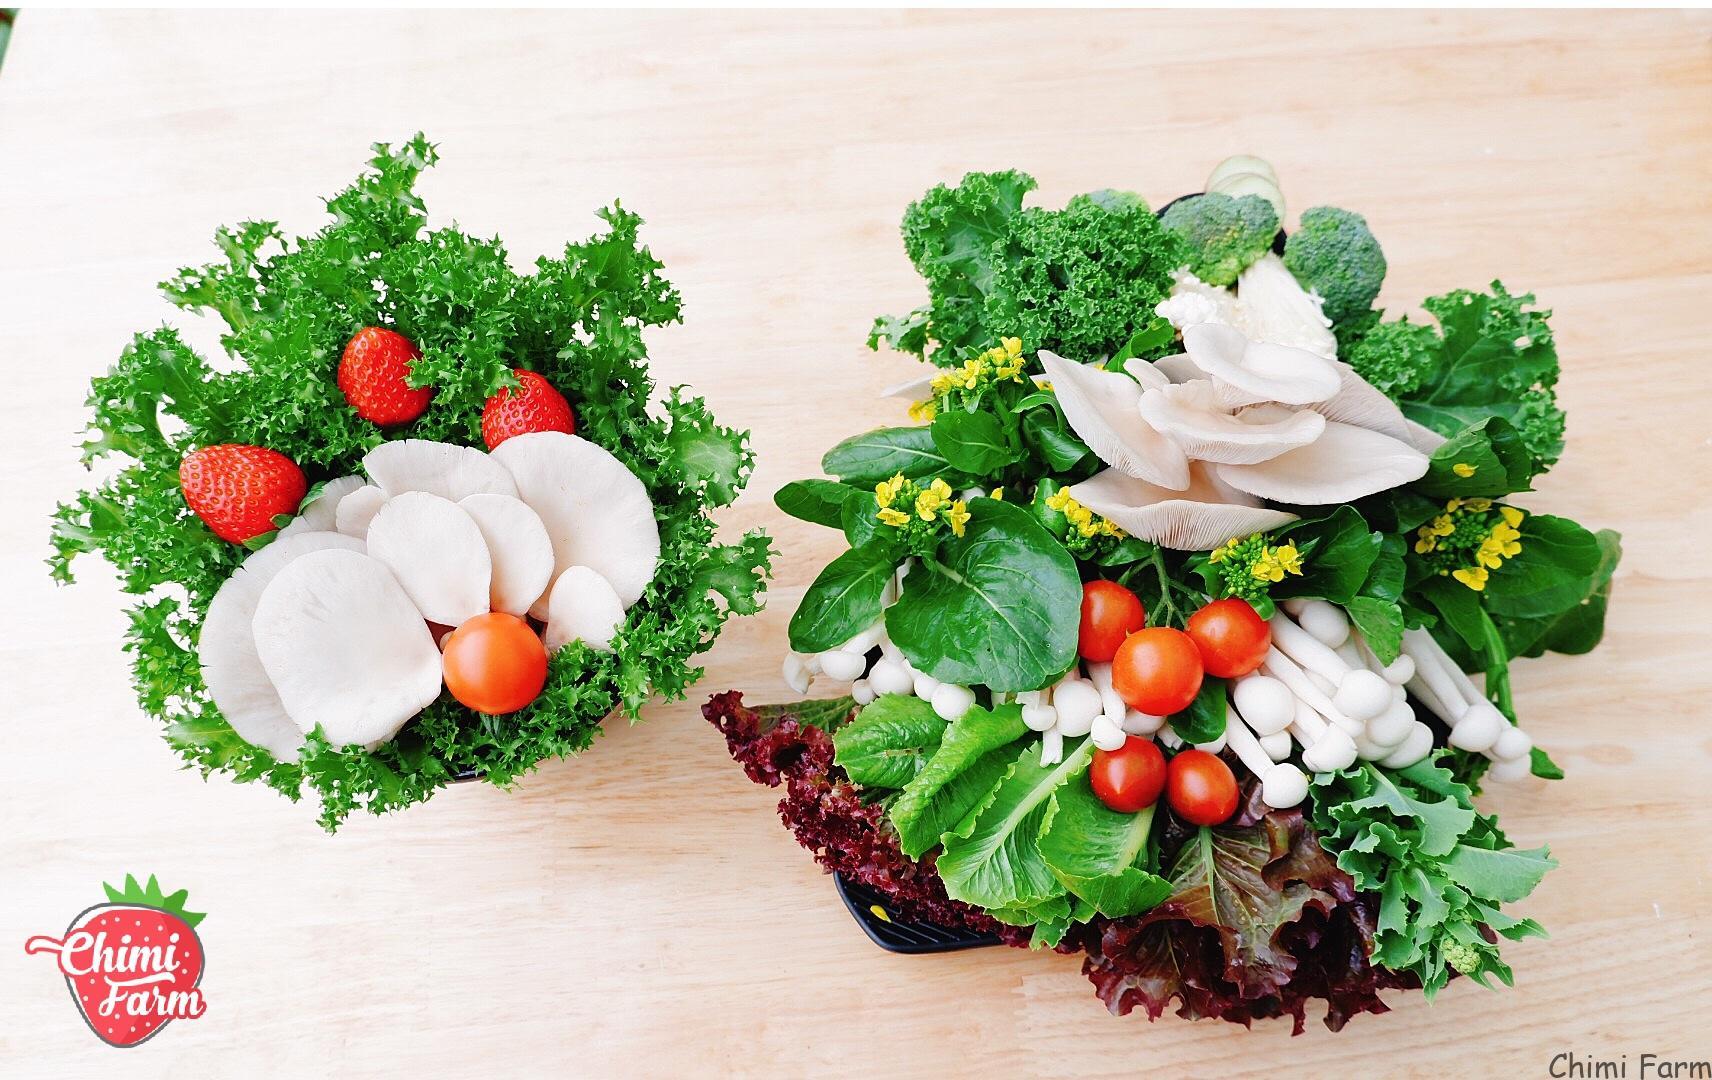 Bạn có thể ăn rau cải kale kèm với lẩu cũng rất ngon